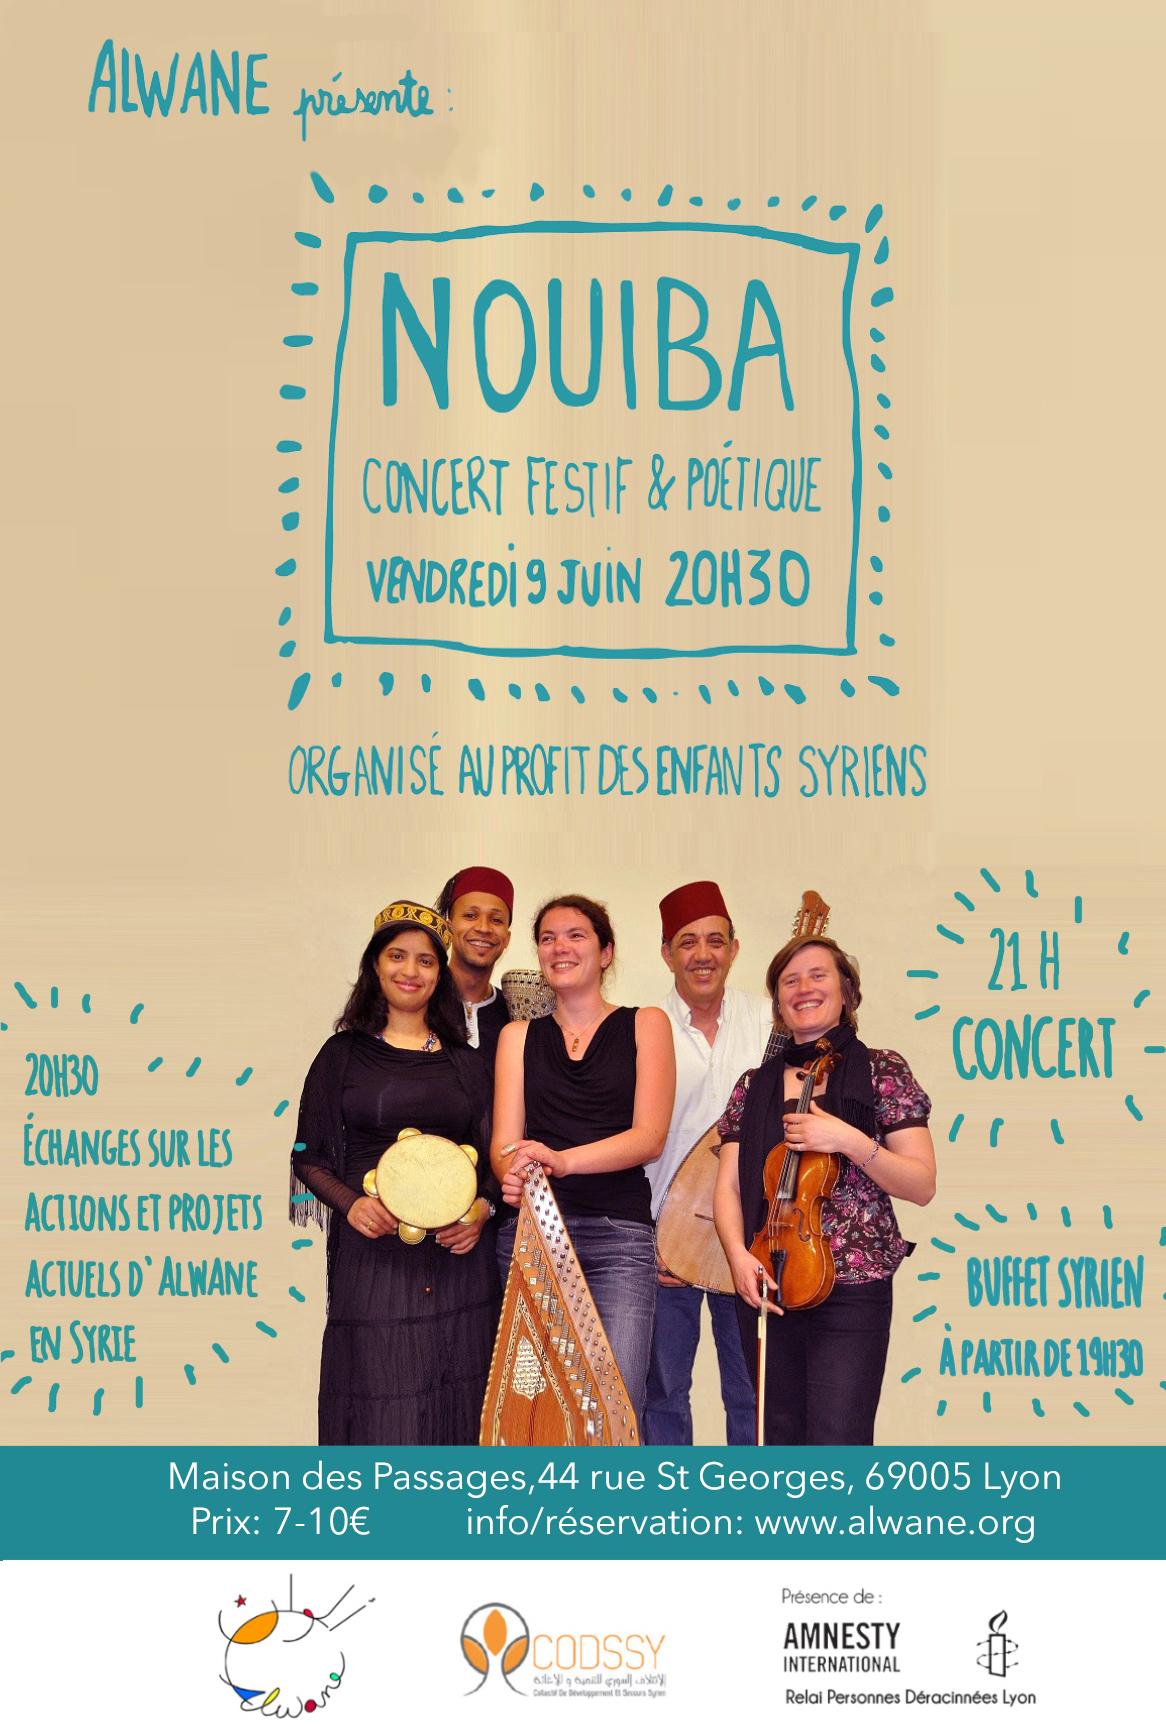 NOUIBA, concert festif et poétique